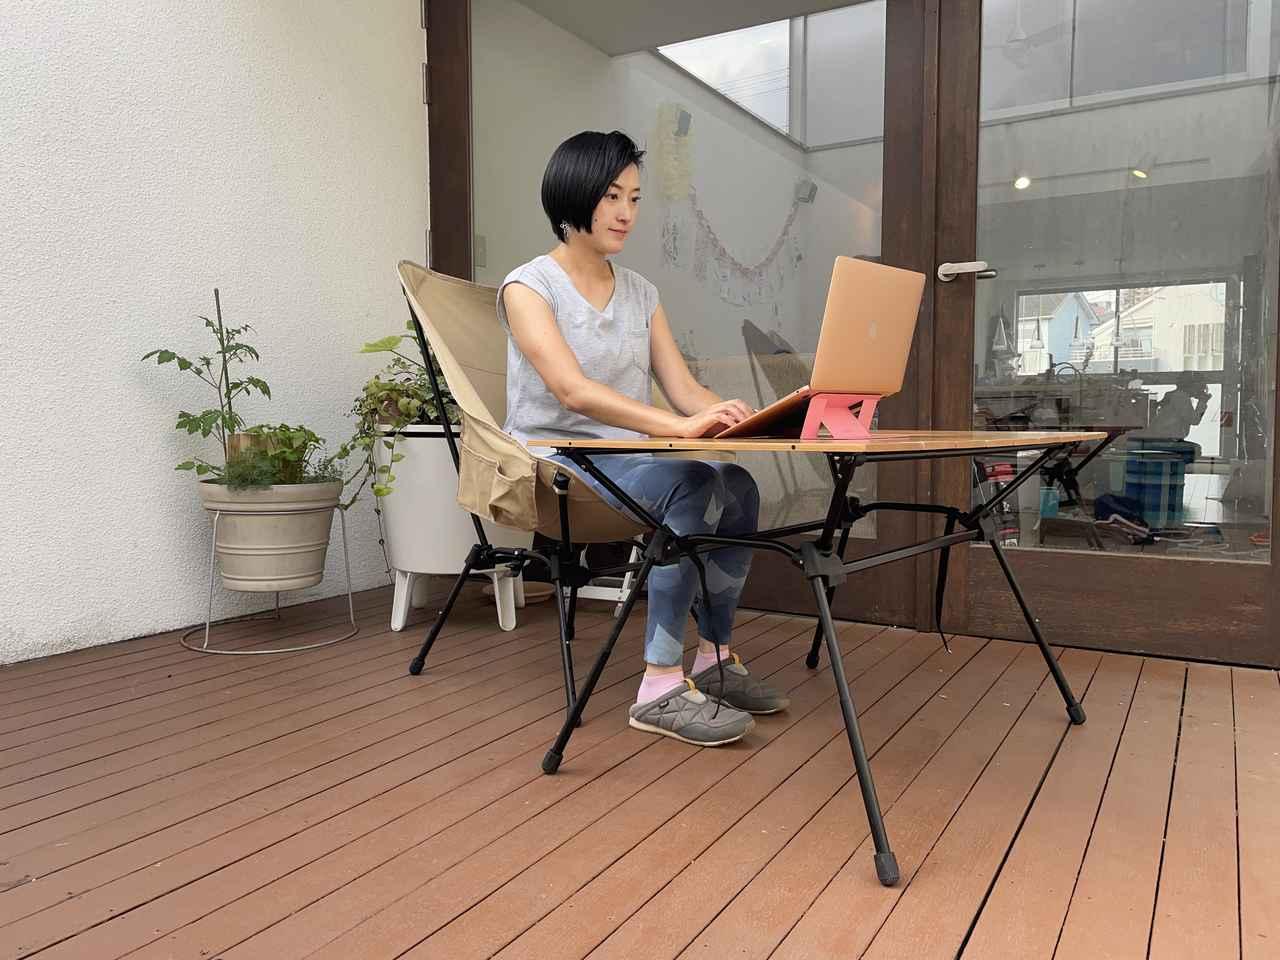 画像: 筆者撮影:仕事モードの時は背筋が自然と伸びるような高さがぴったり!